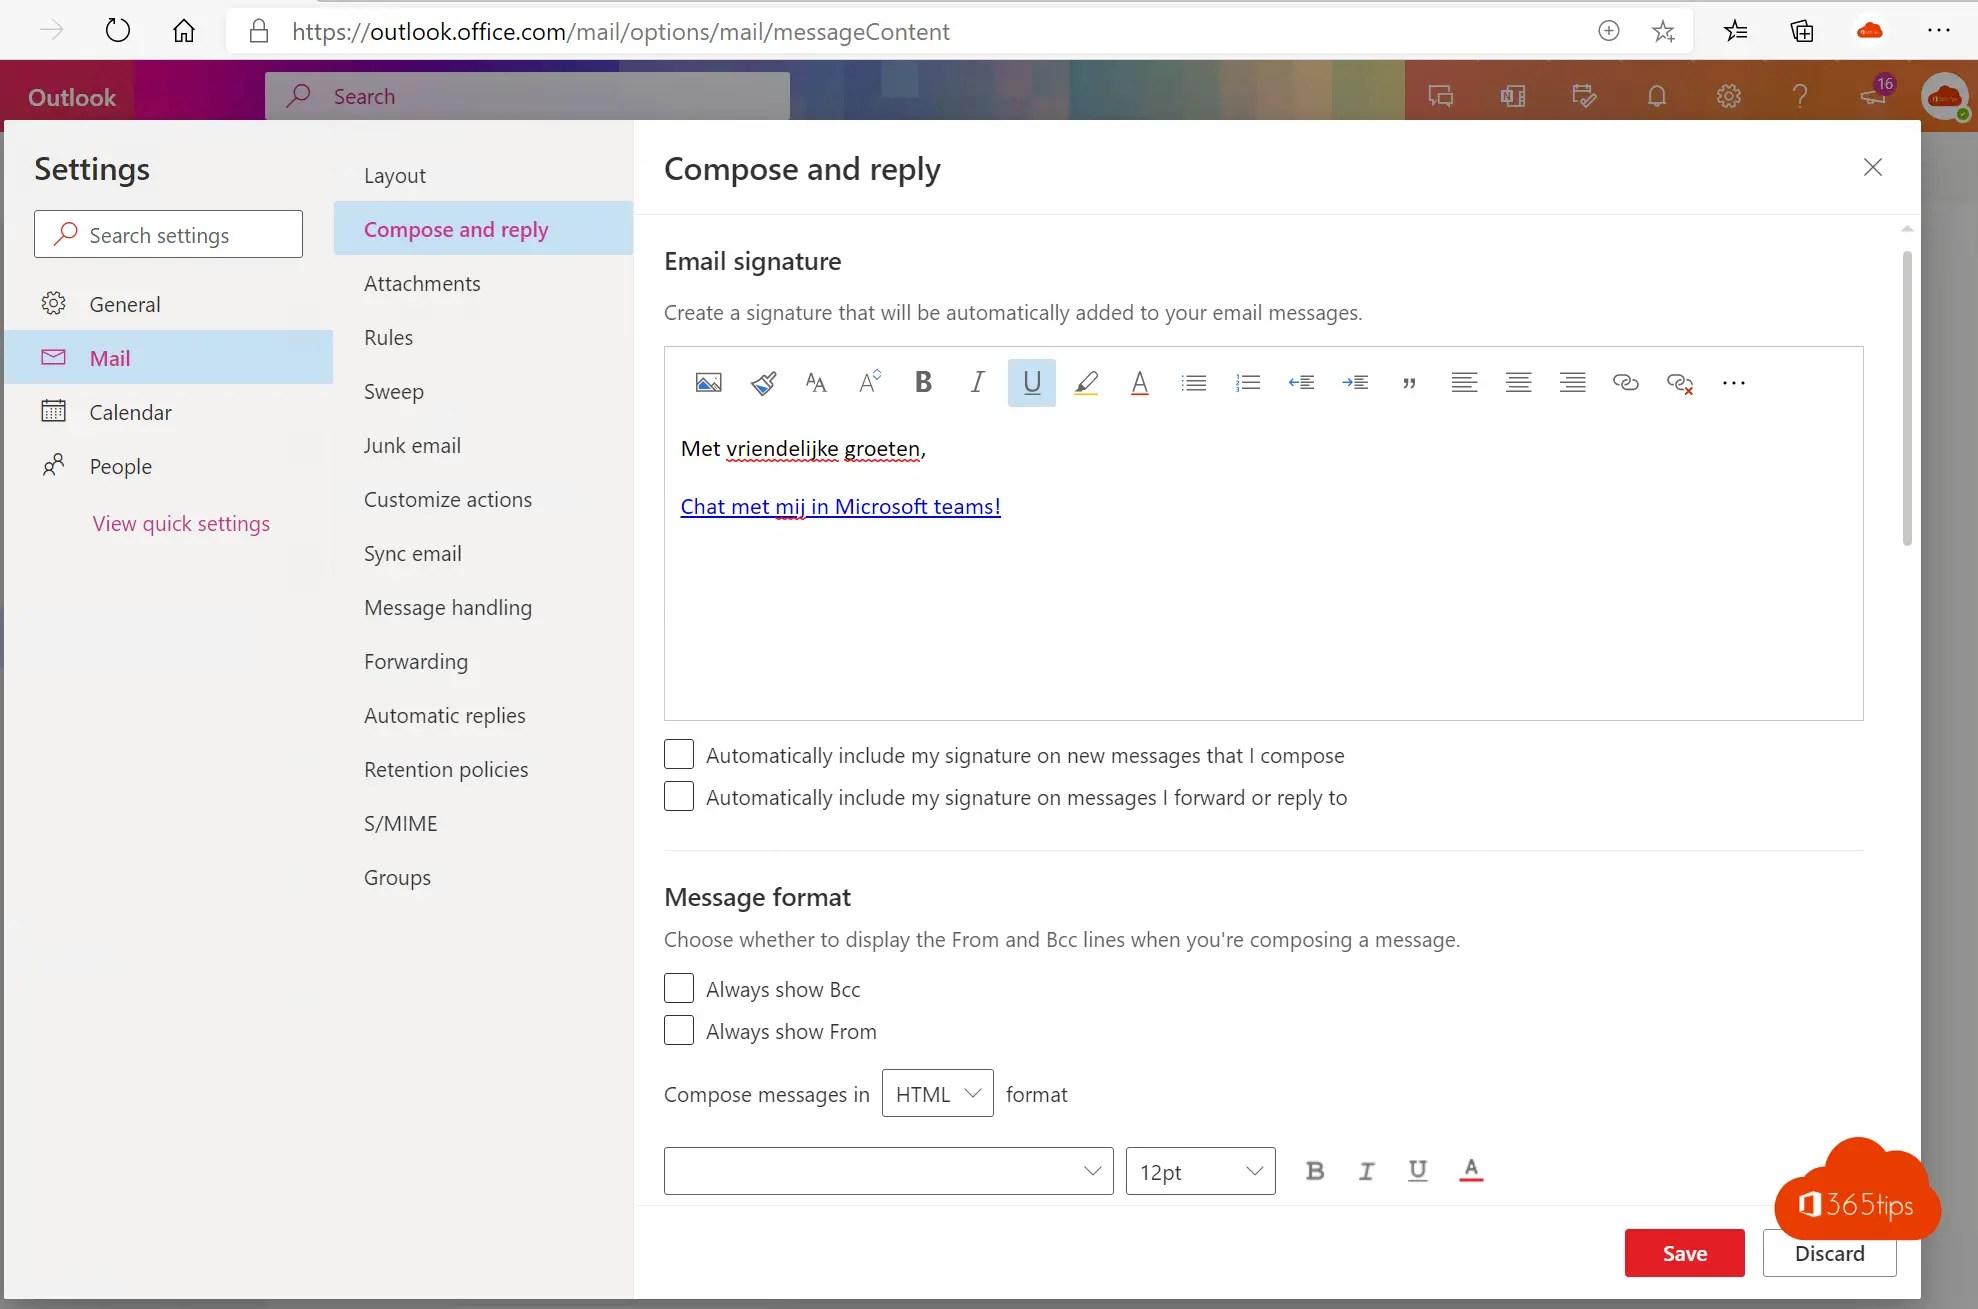 Voeg een Chat met mij in Teams toe aan je e-mailhandtekening in Outlook